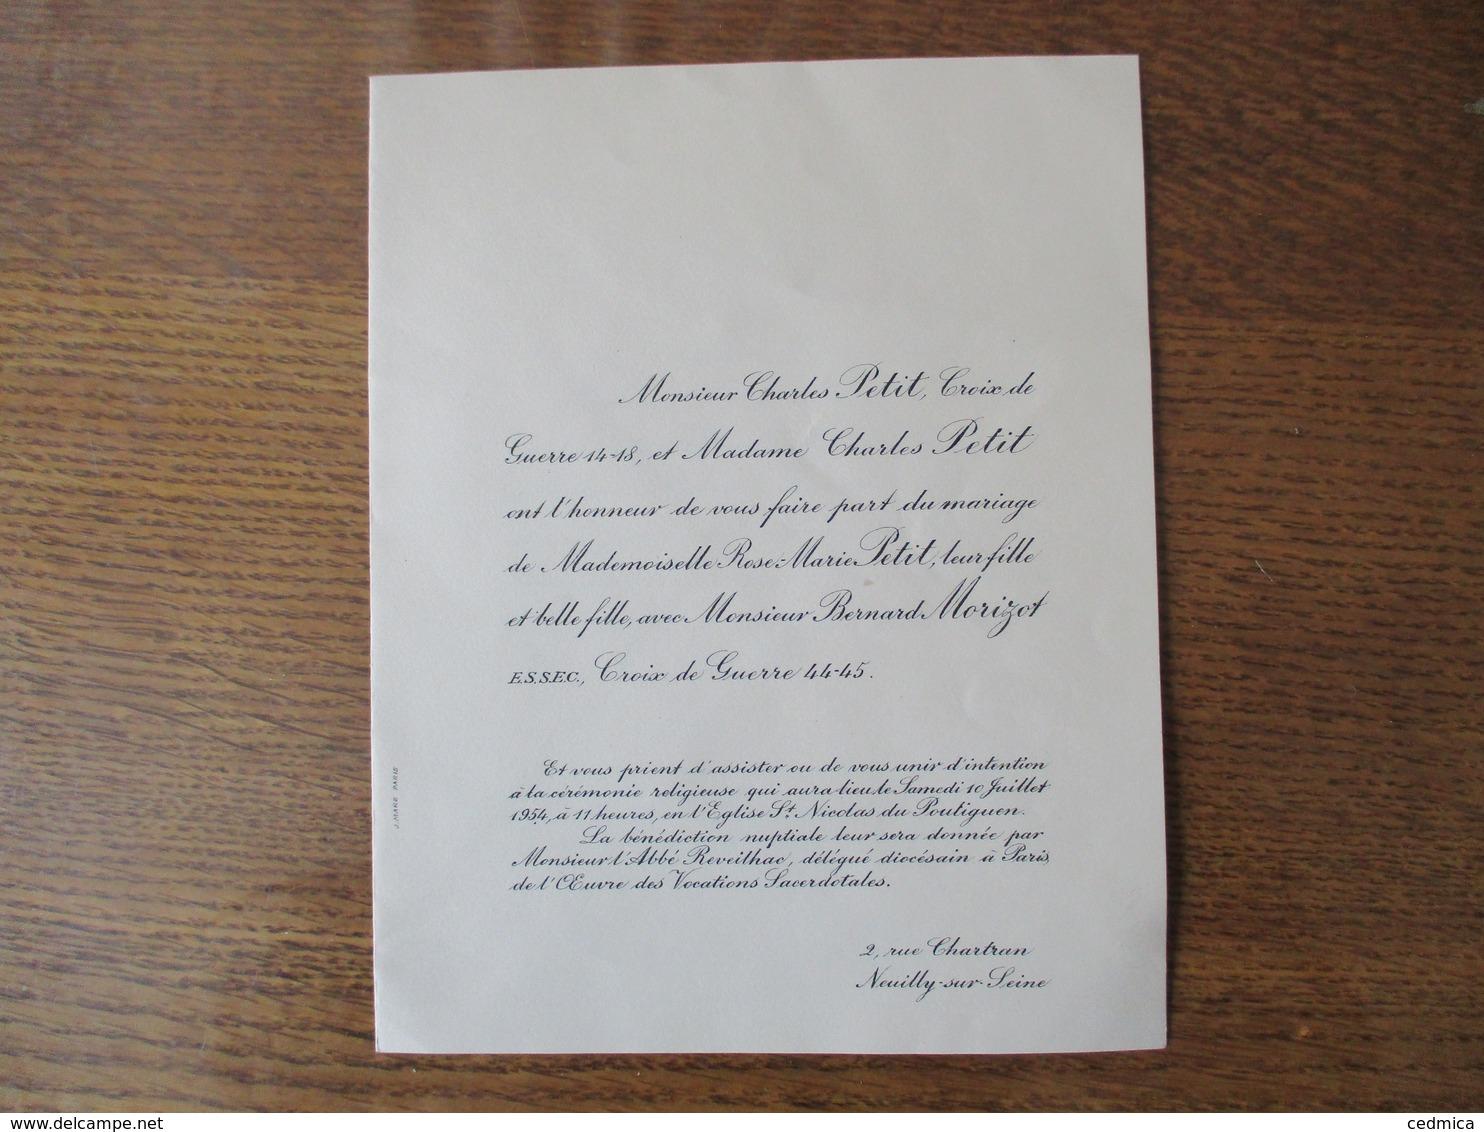 NEUILLY SUR SEINE 10 JUILLET 1954 MADEMOISELLE ROSE-MARIE PETIT AVEC MONSIEUR BERNARD MORIZOT CEREMONIE AU POULIQUEN EGL - Mariage